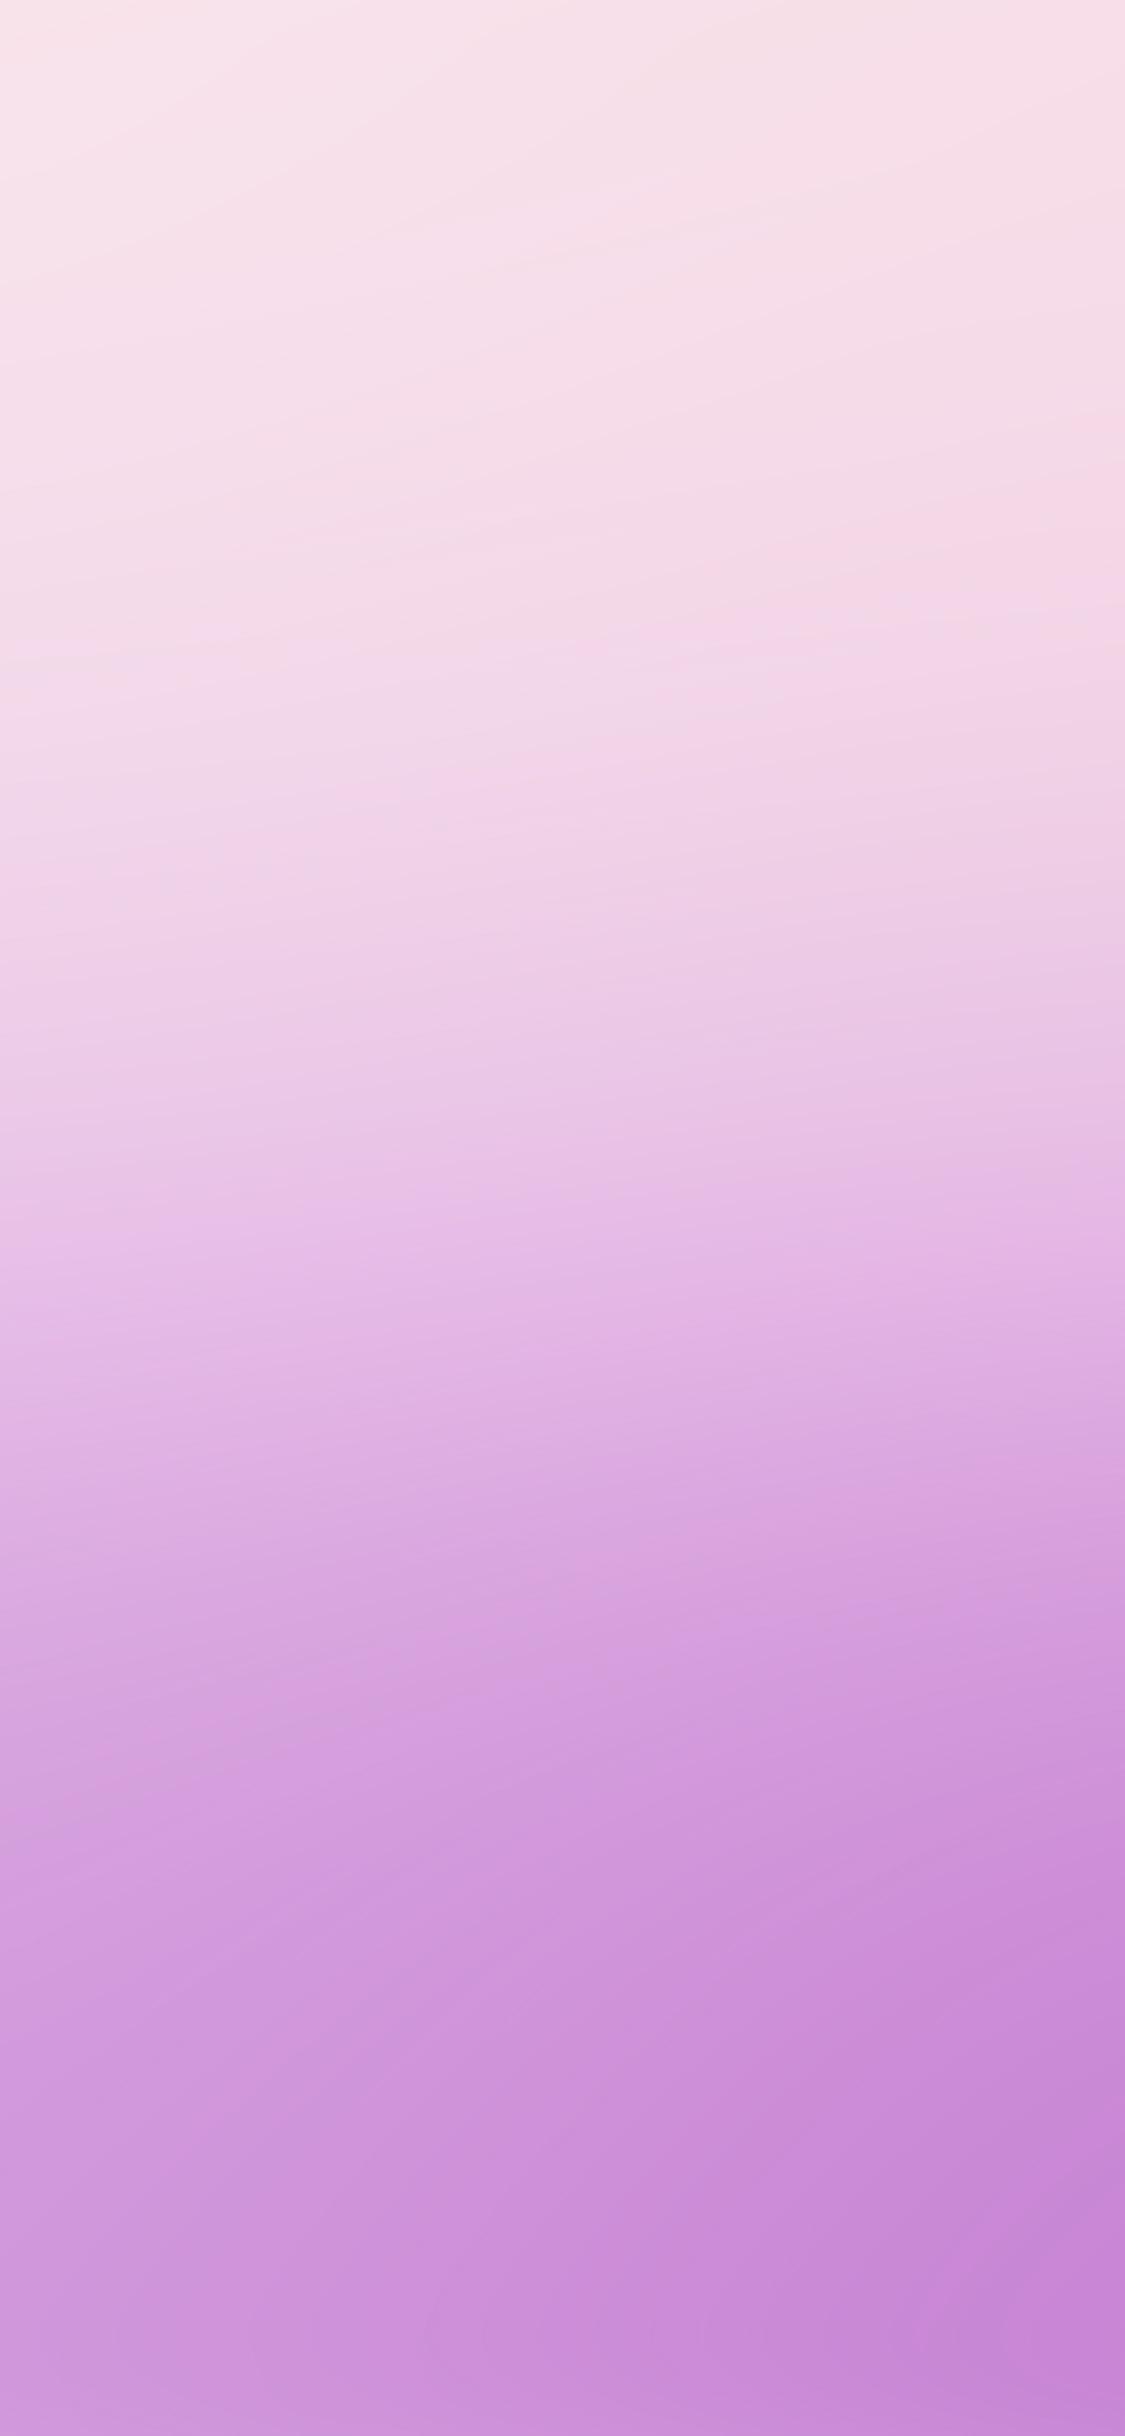 sl95softpastelvioletblurgradationwallpaper